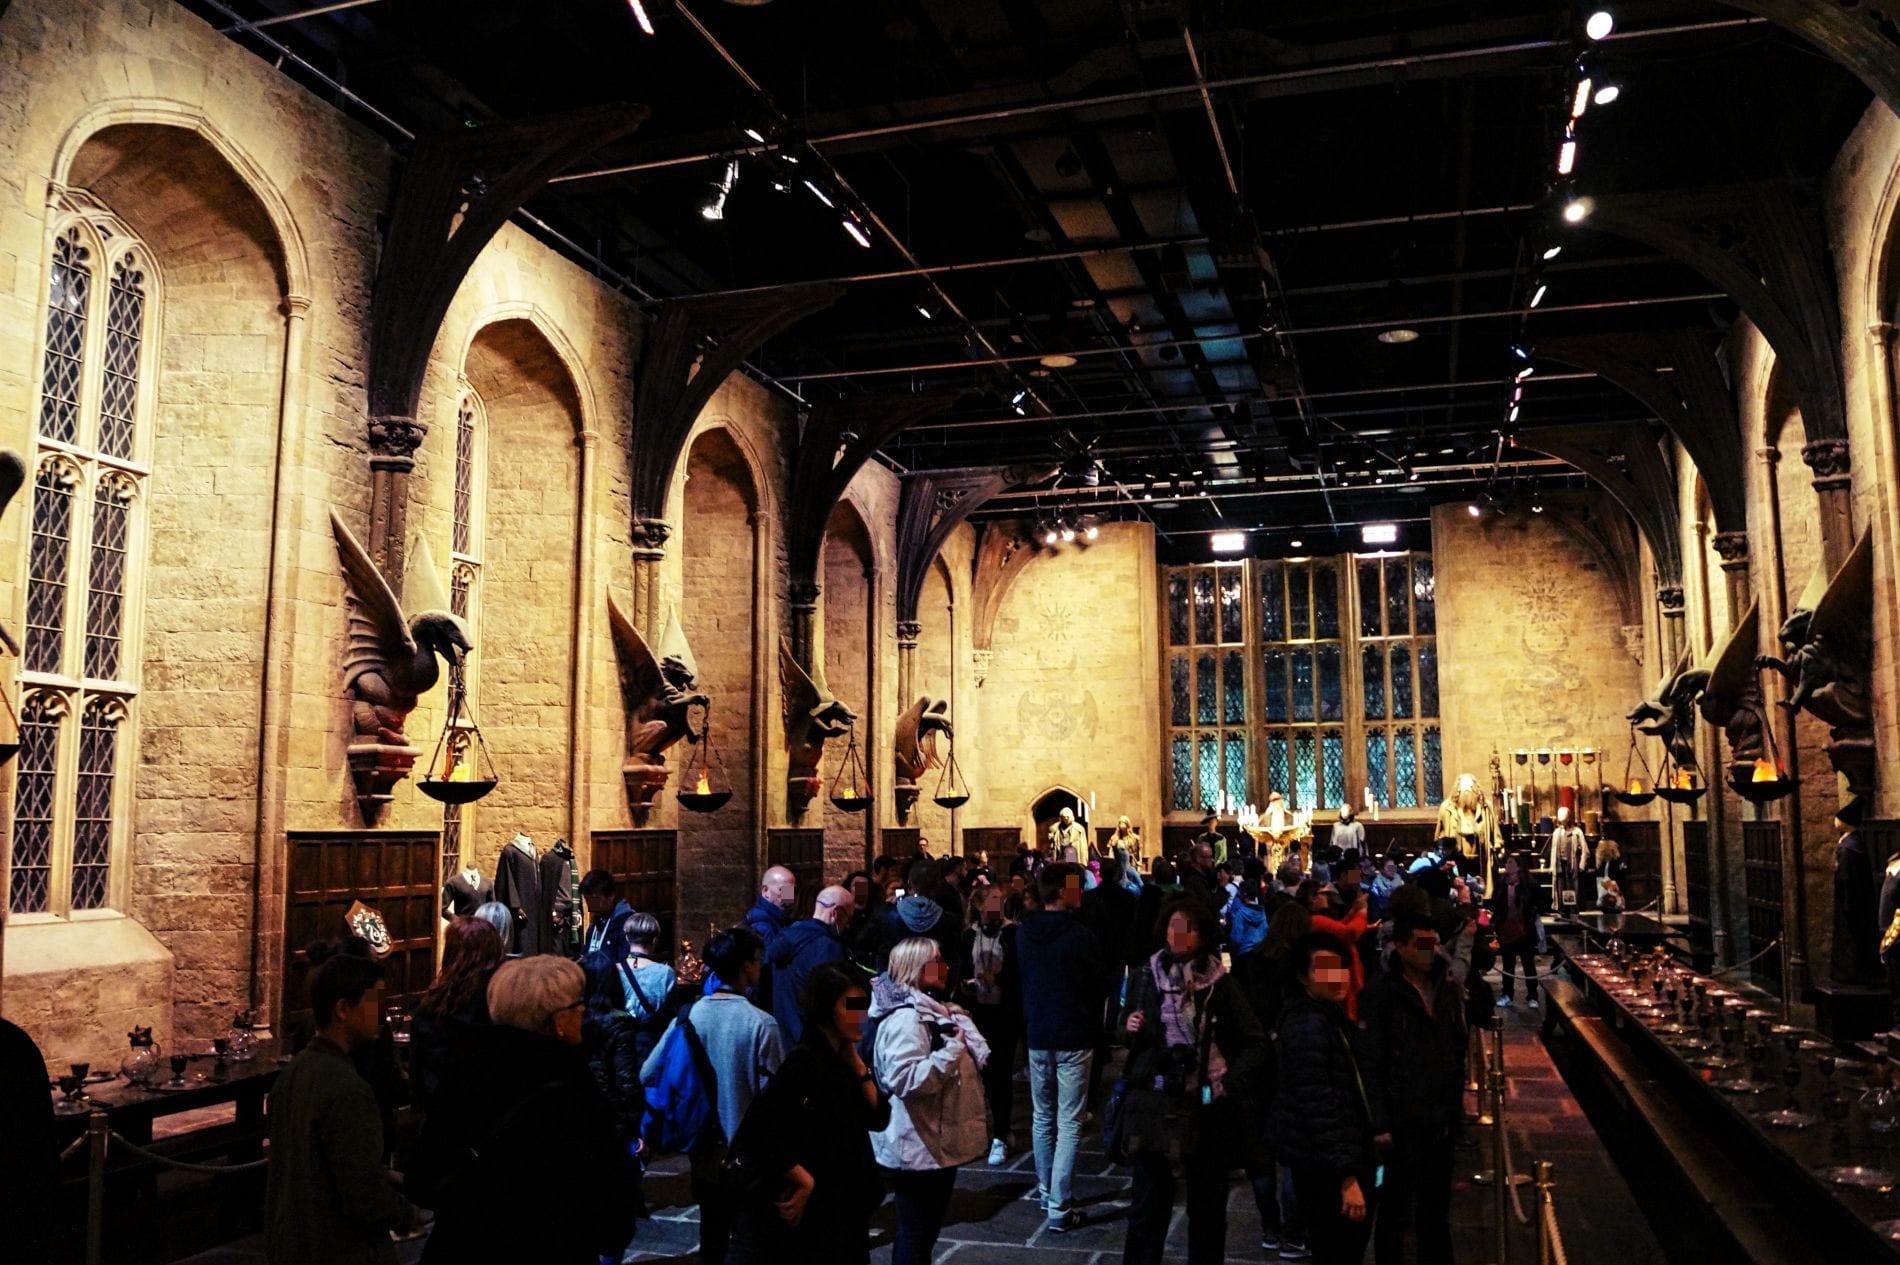 Eine der ersten Stationen der Harry Potter Studio Tour: der Hogwarts Speisesaal. Toll!